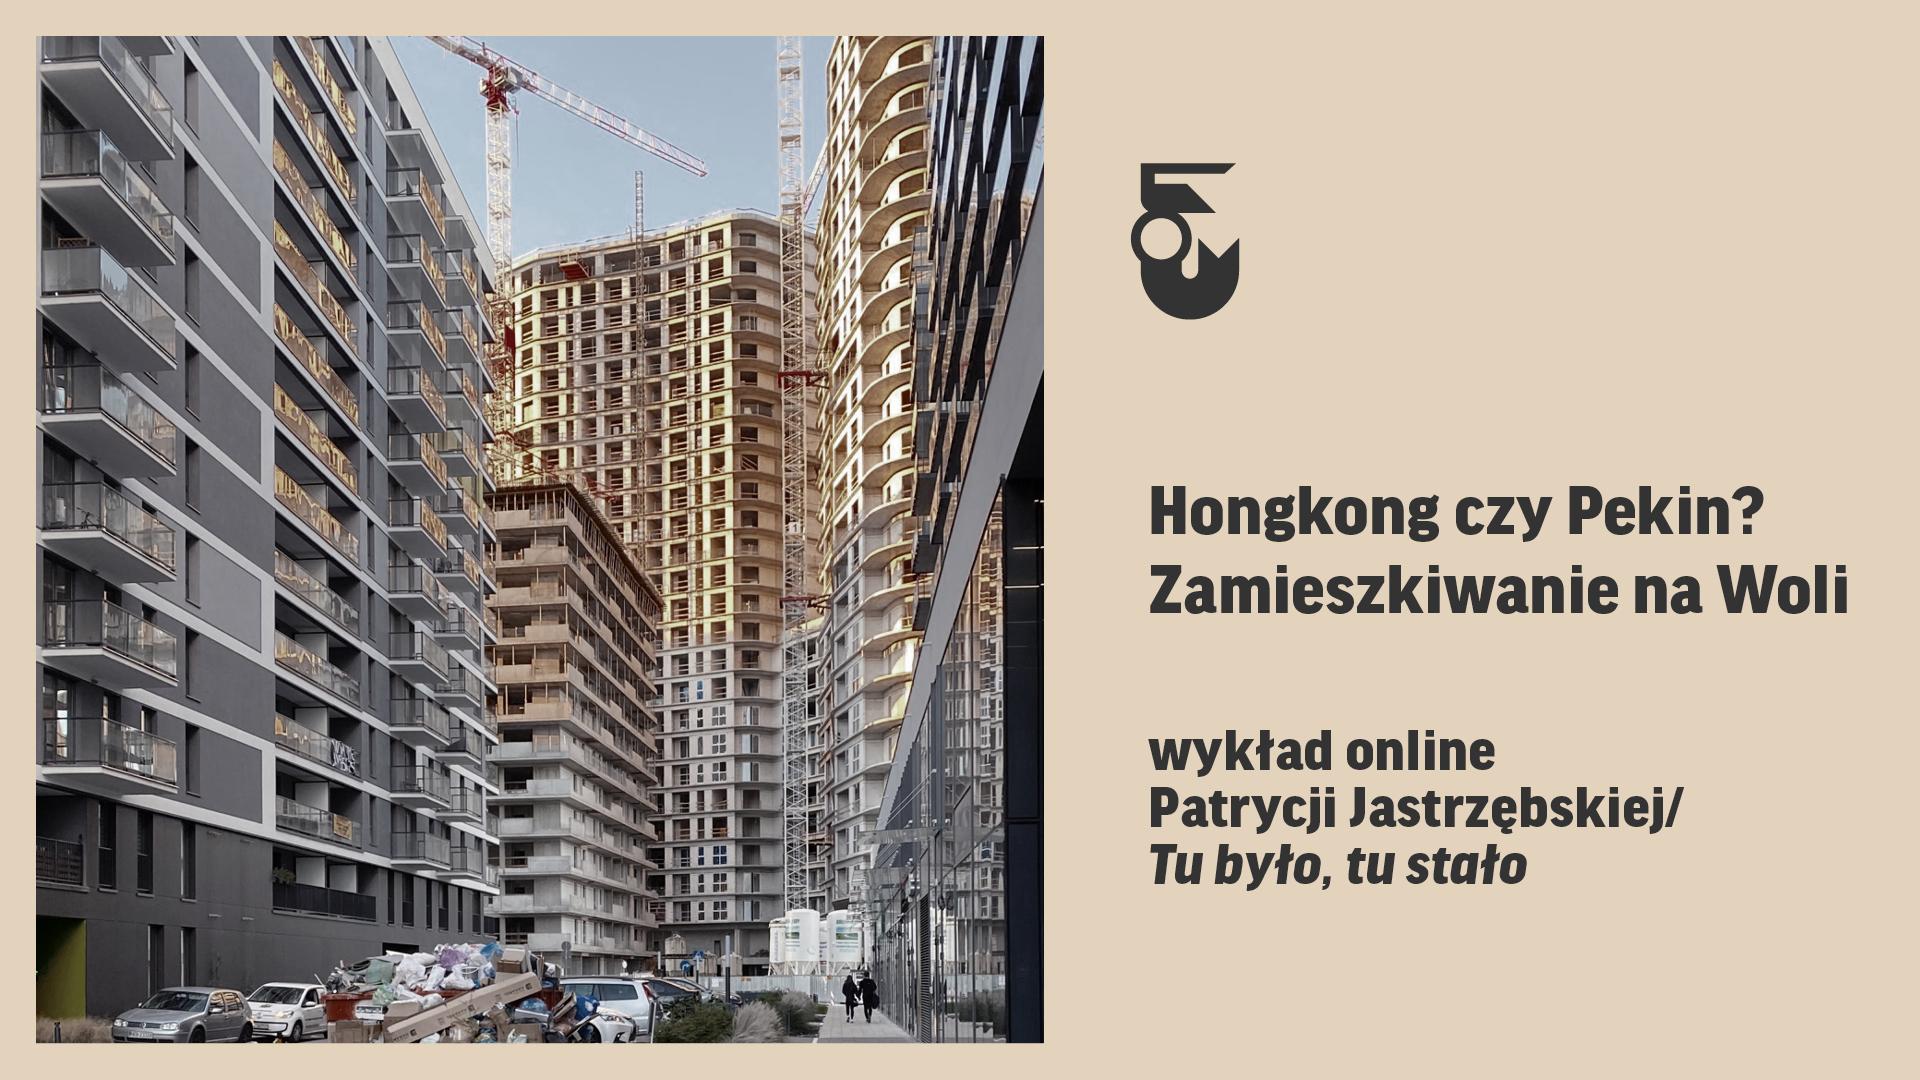 Grafika. Po lewej zdjęcie gęsto zabudowanego osiedla. Po prawej logo syrenki i czarny napis: Hongkong czy Pekin? Zamieszkiwanie na Woli